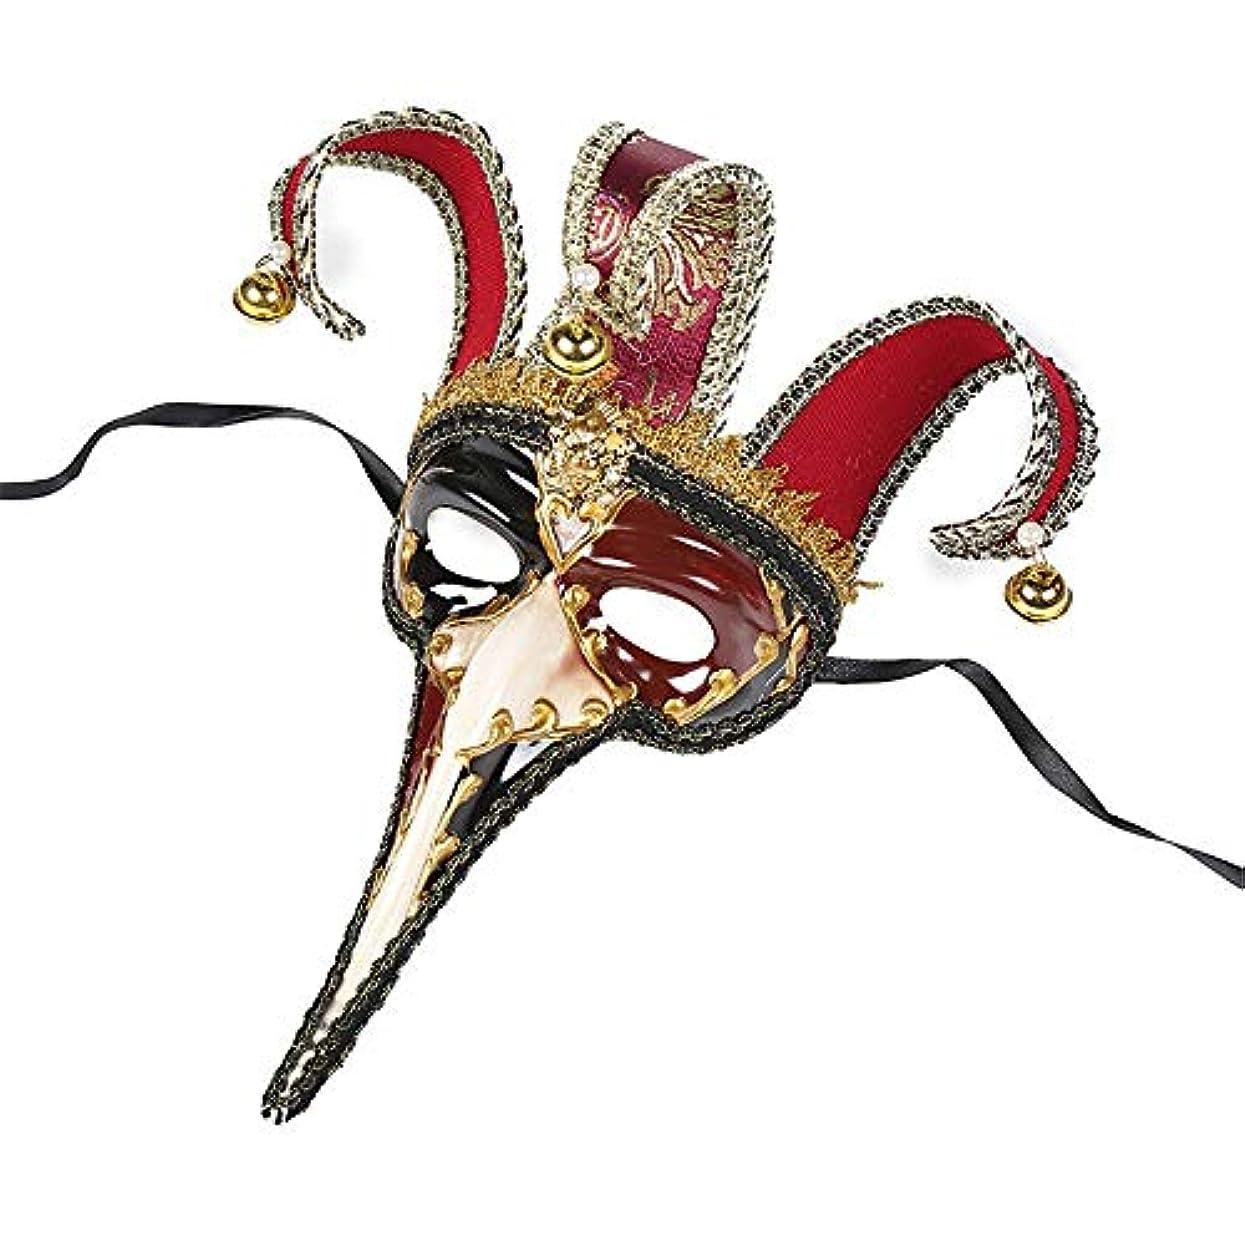 骨髄ウェイド無視するダンスマスク ハーフフェイス鼻フラミンゴハロウィーン仮装雰囲気クリスマスフェスティバルロールプレイングプラスチックマスク ホリデーパーティー用品 (色 : 赤, サイズ : 42x15cm)